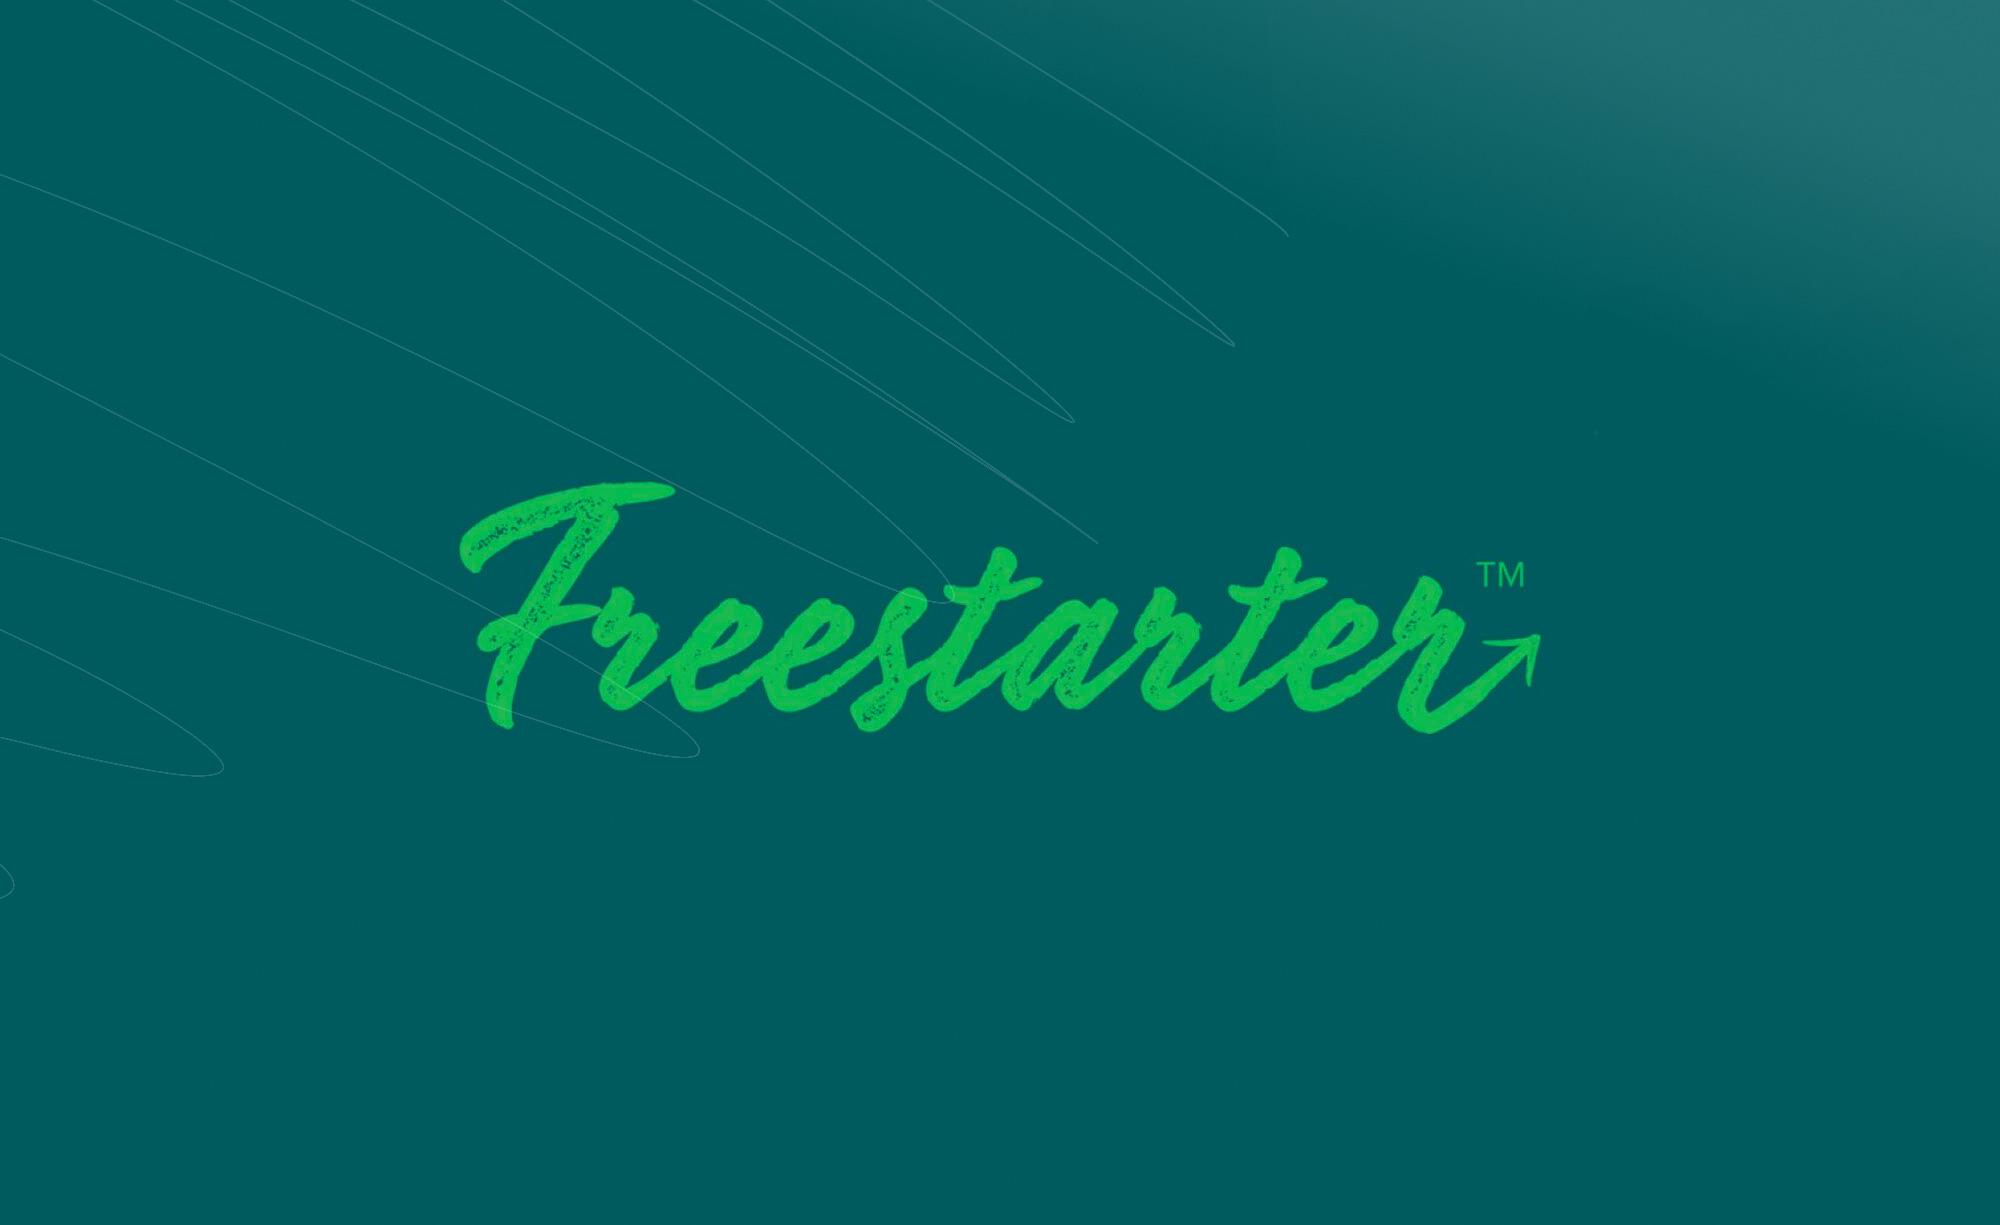 Freestarter logo